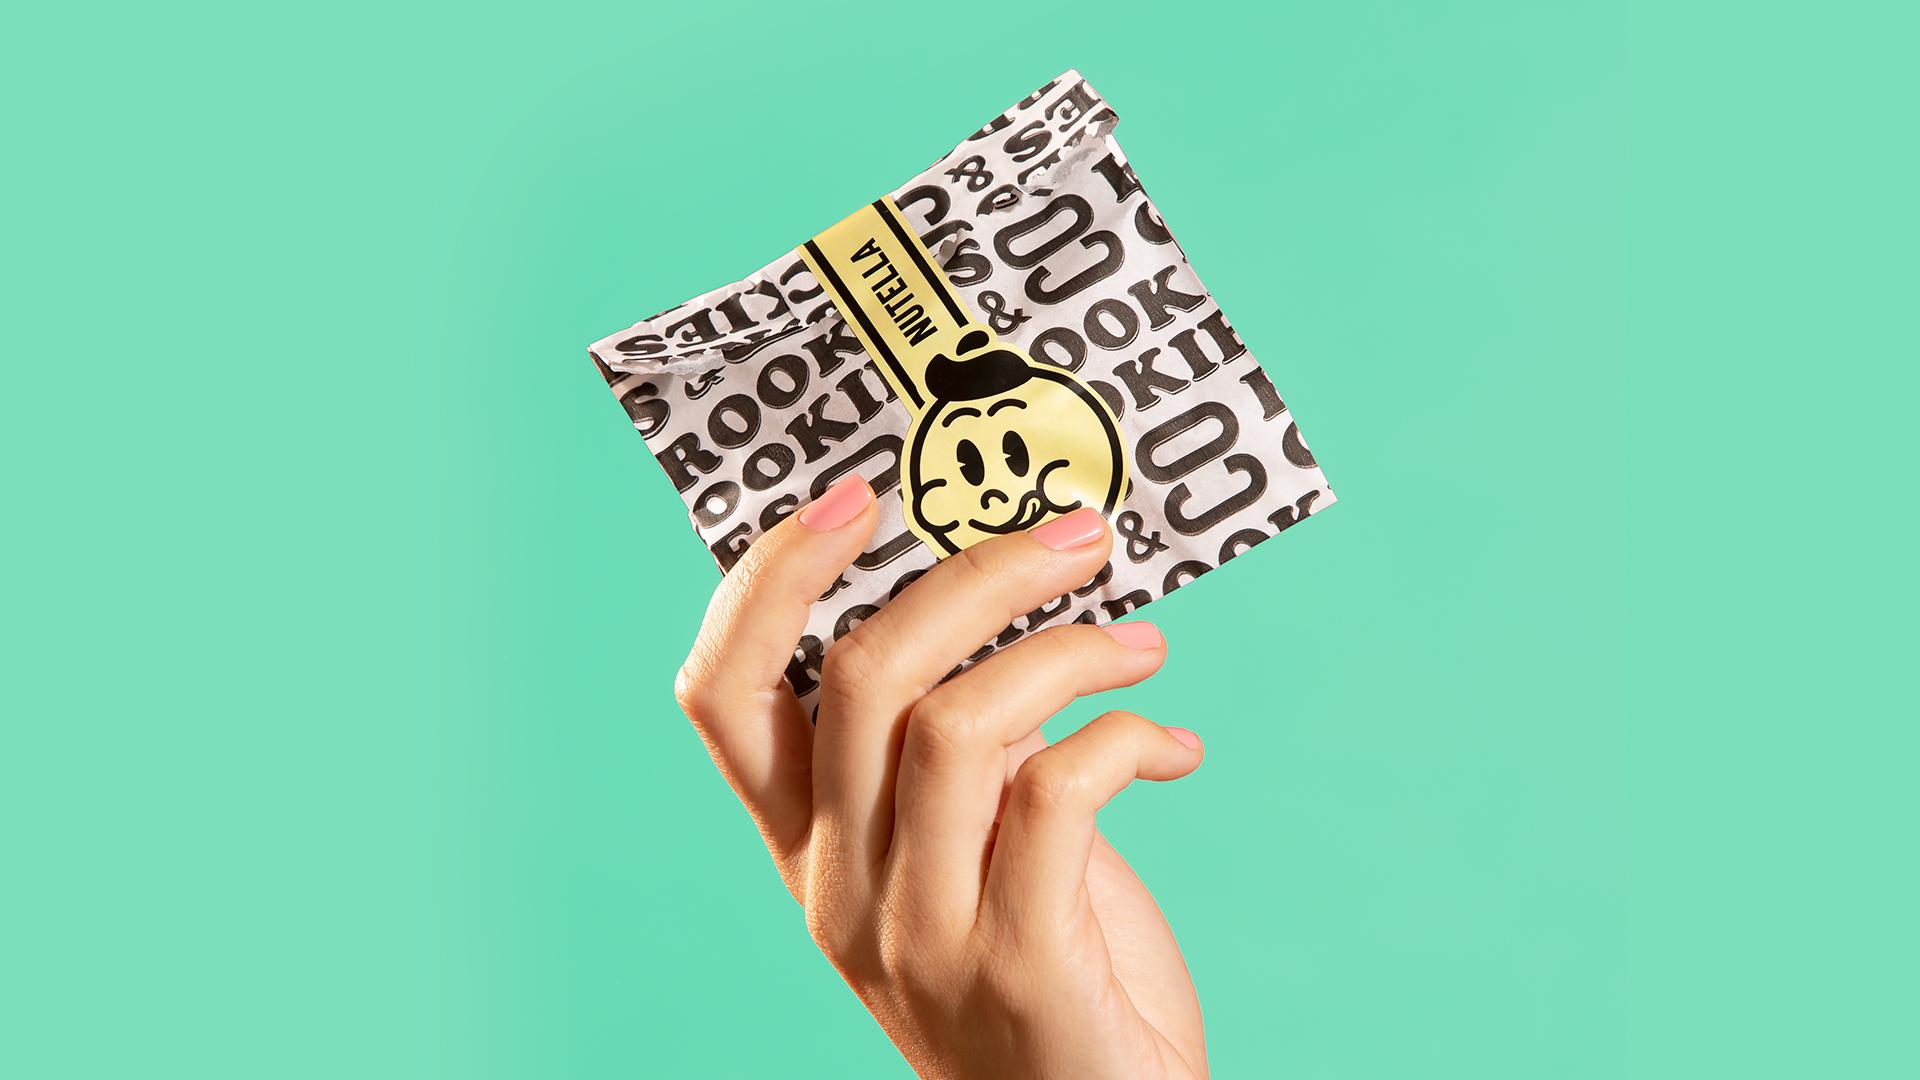 Brookies Cookies & Co Branding by Blank Design Studio